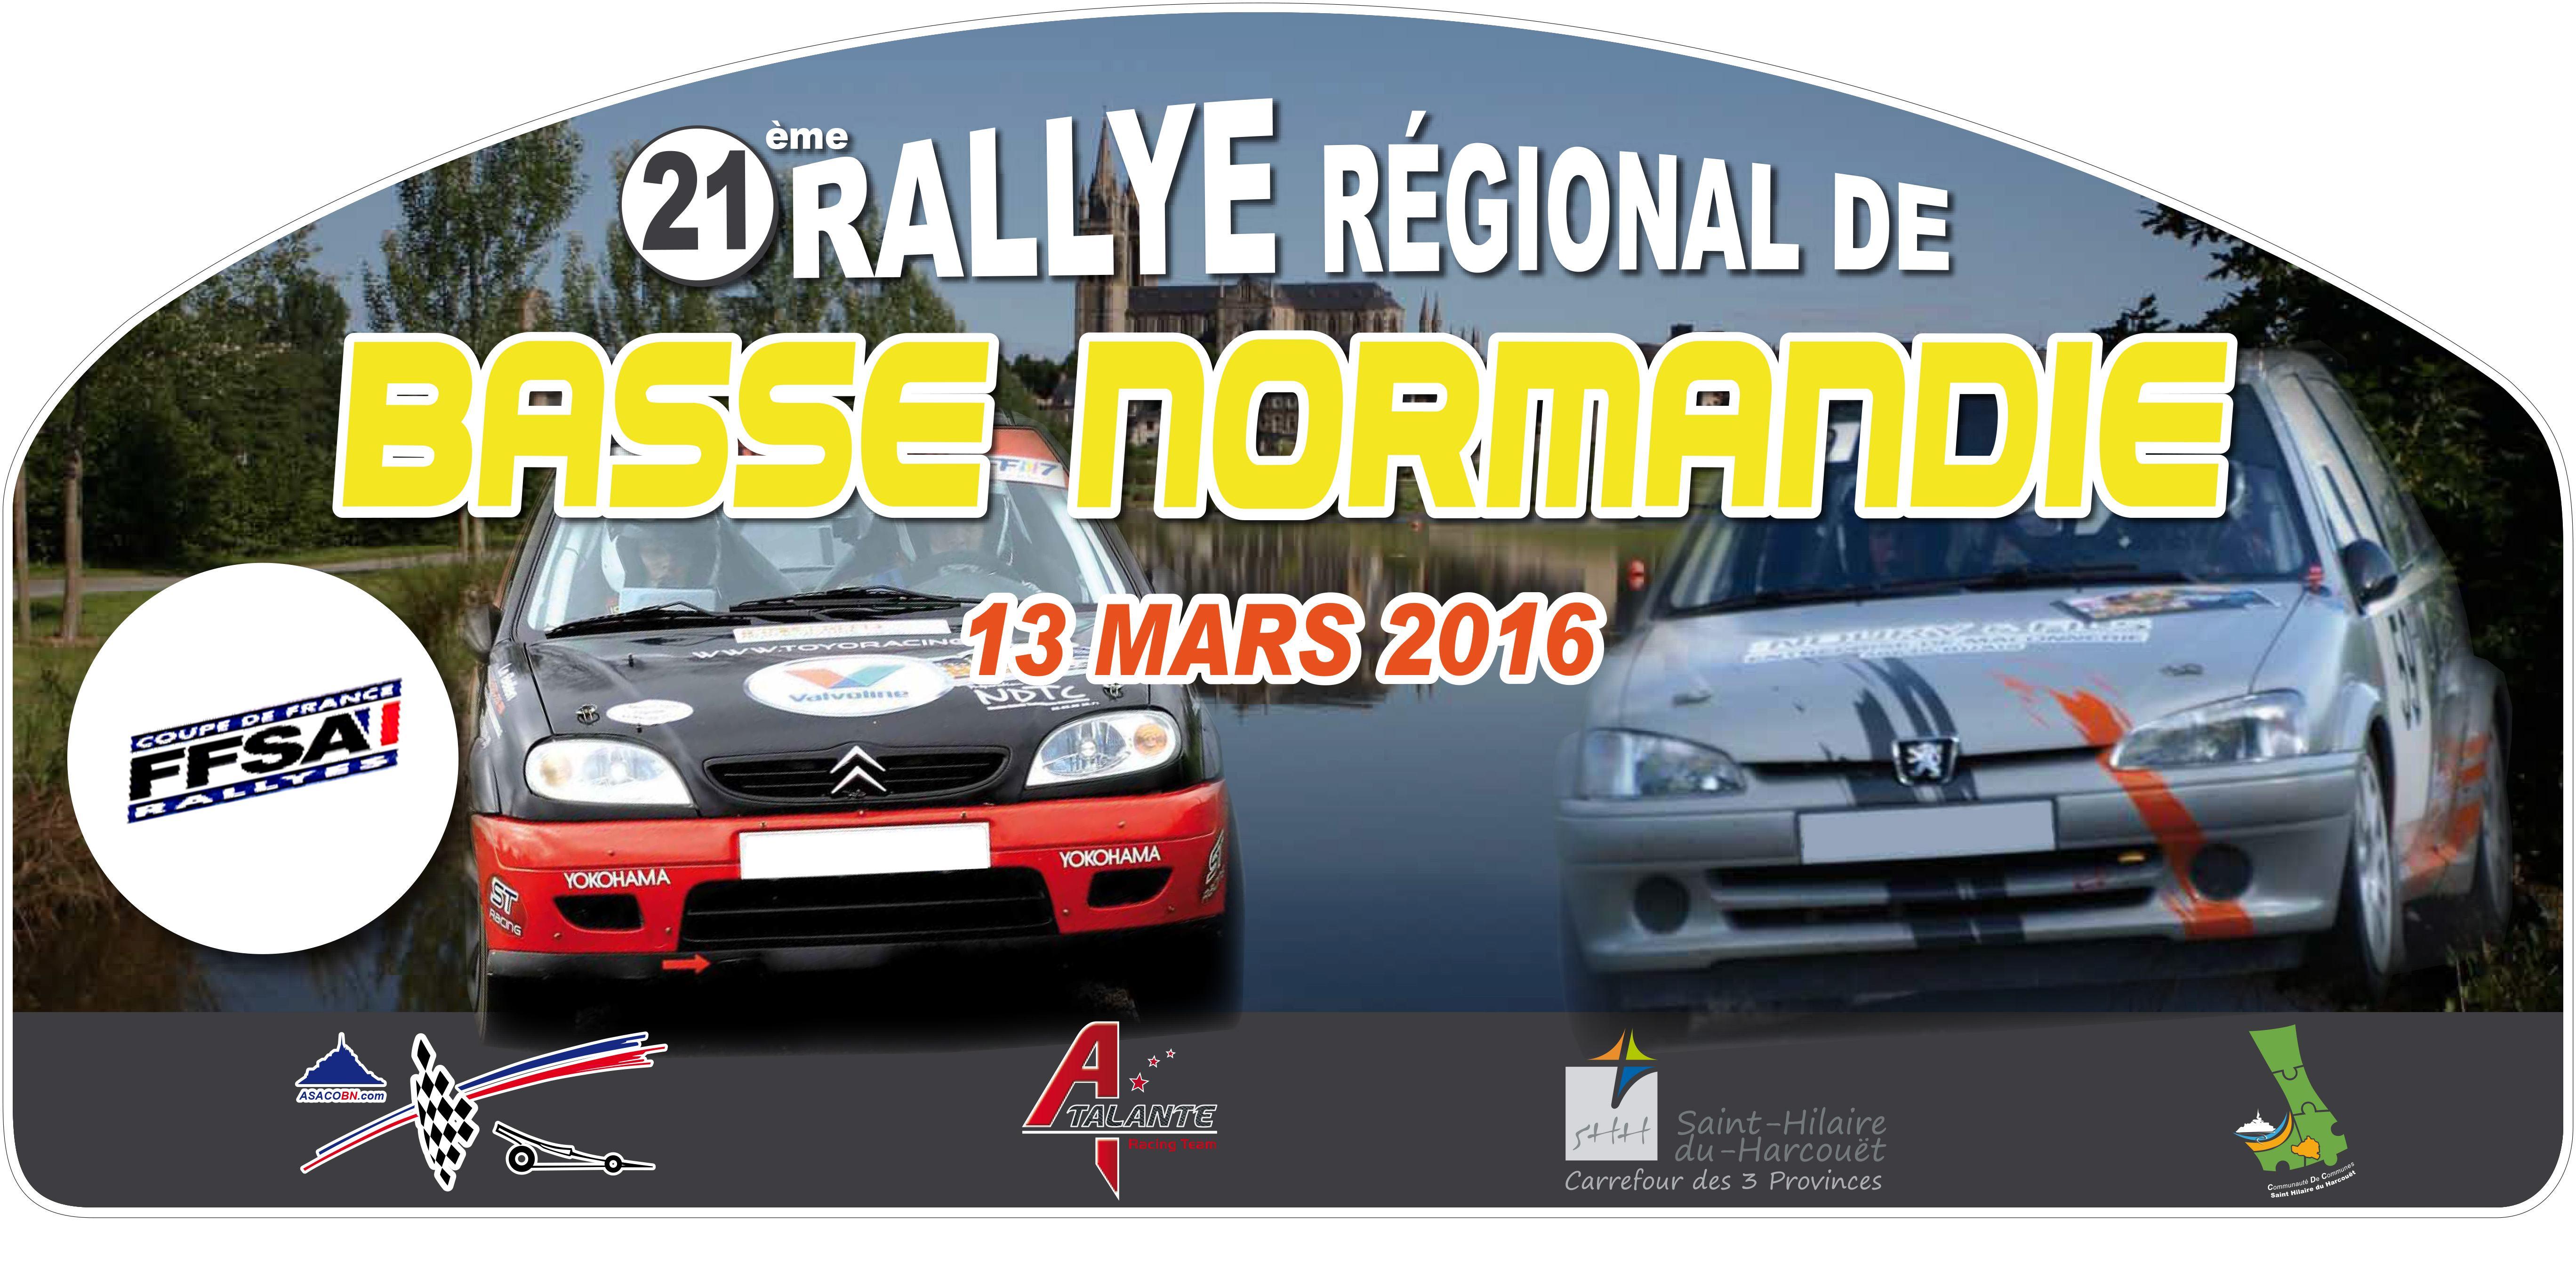 Classement-Rallye-Basse-Normandie-2016